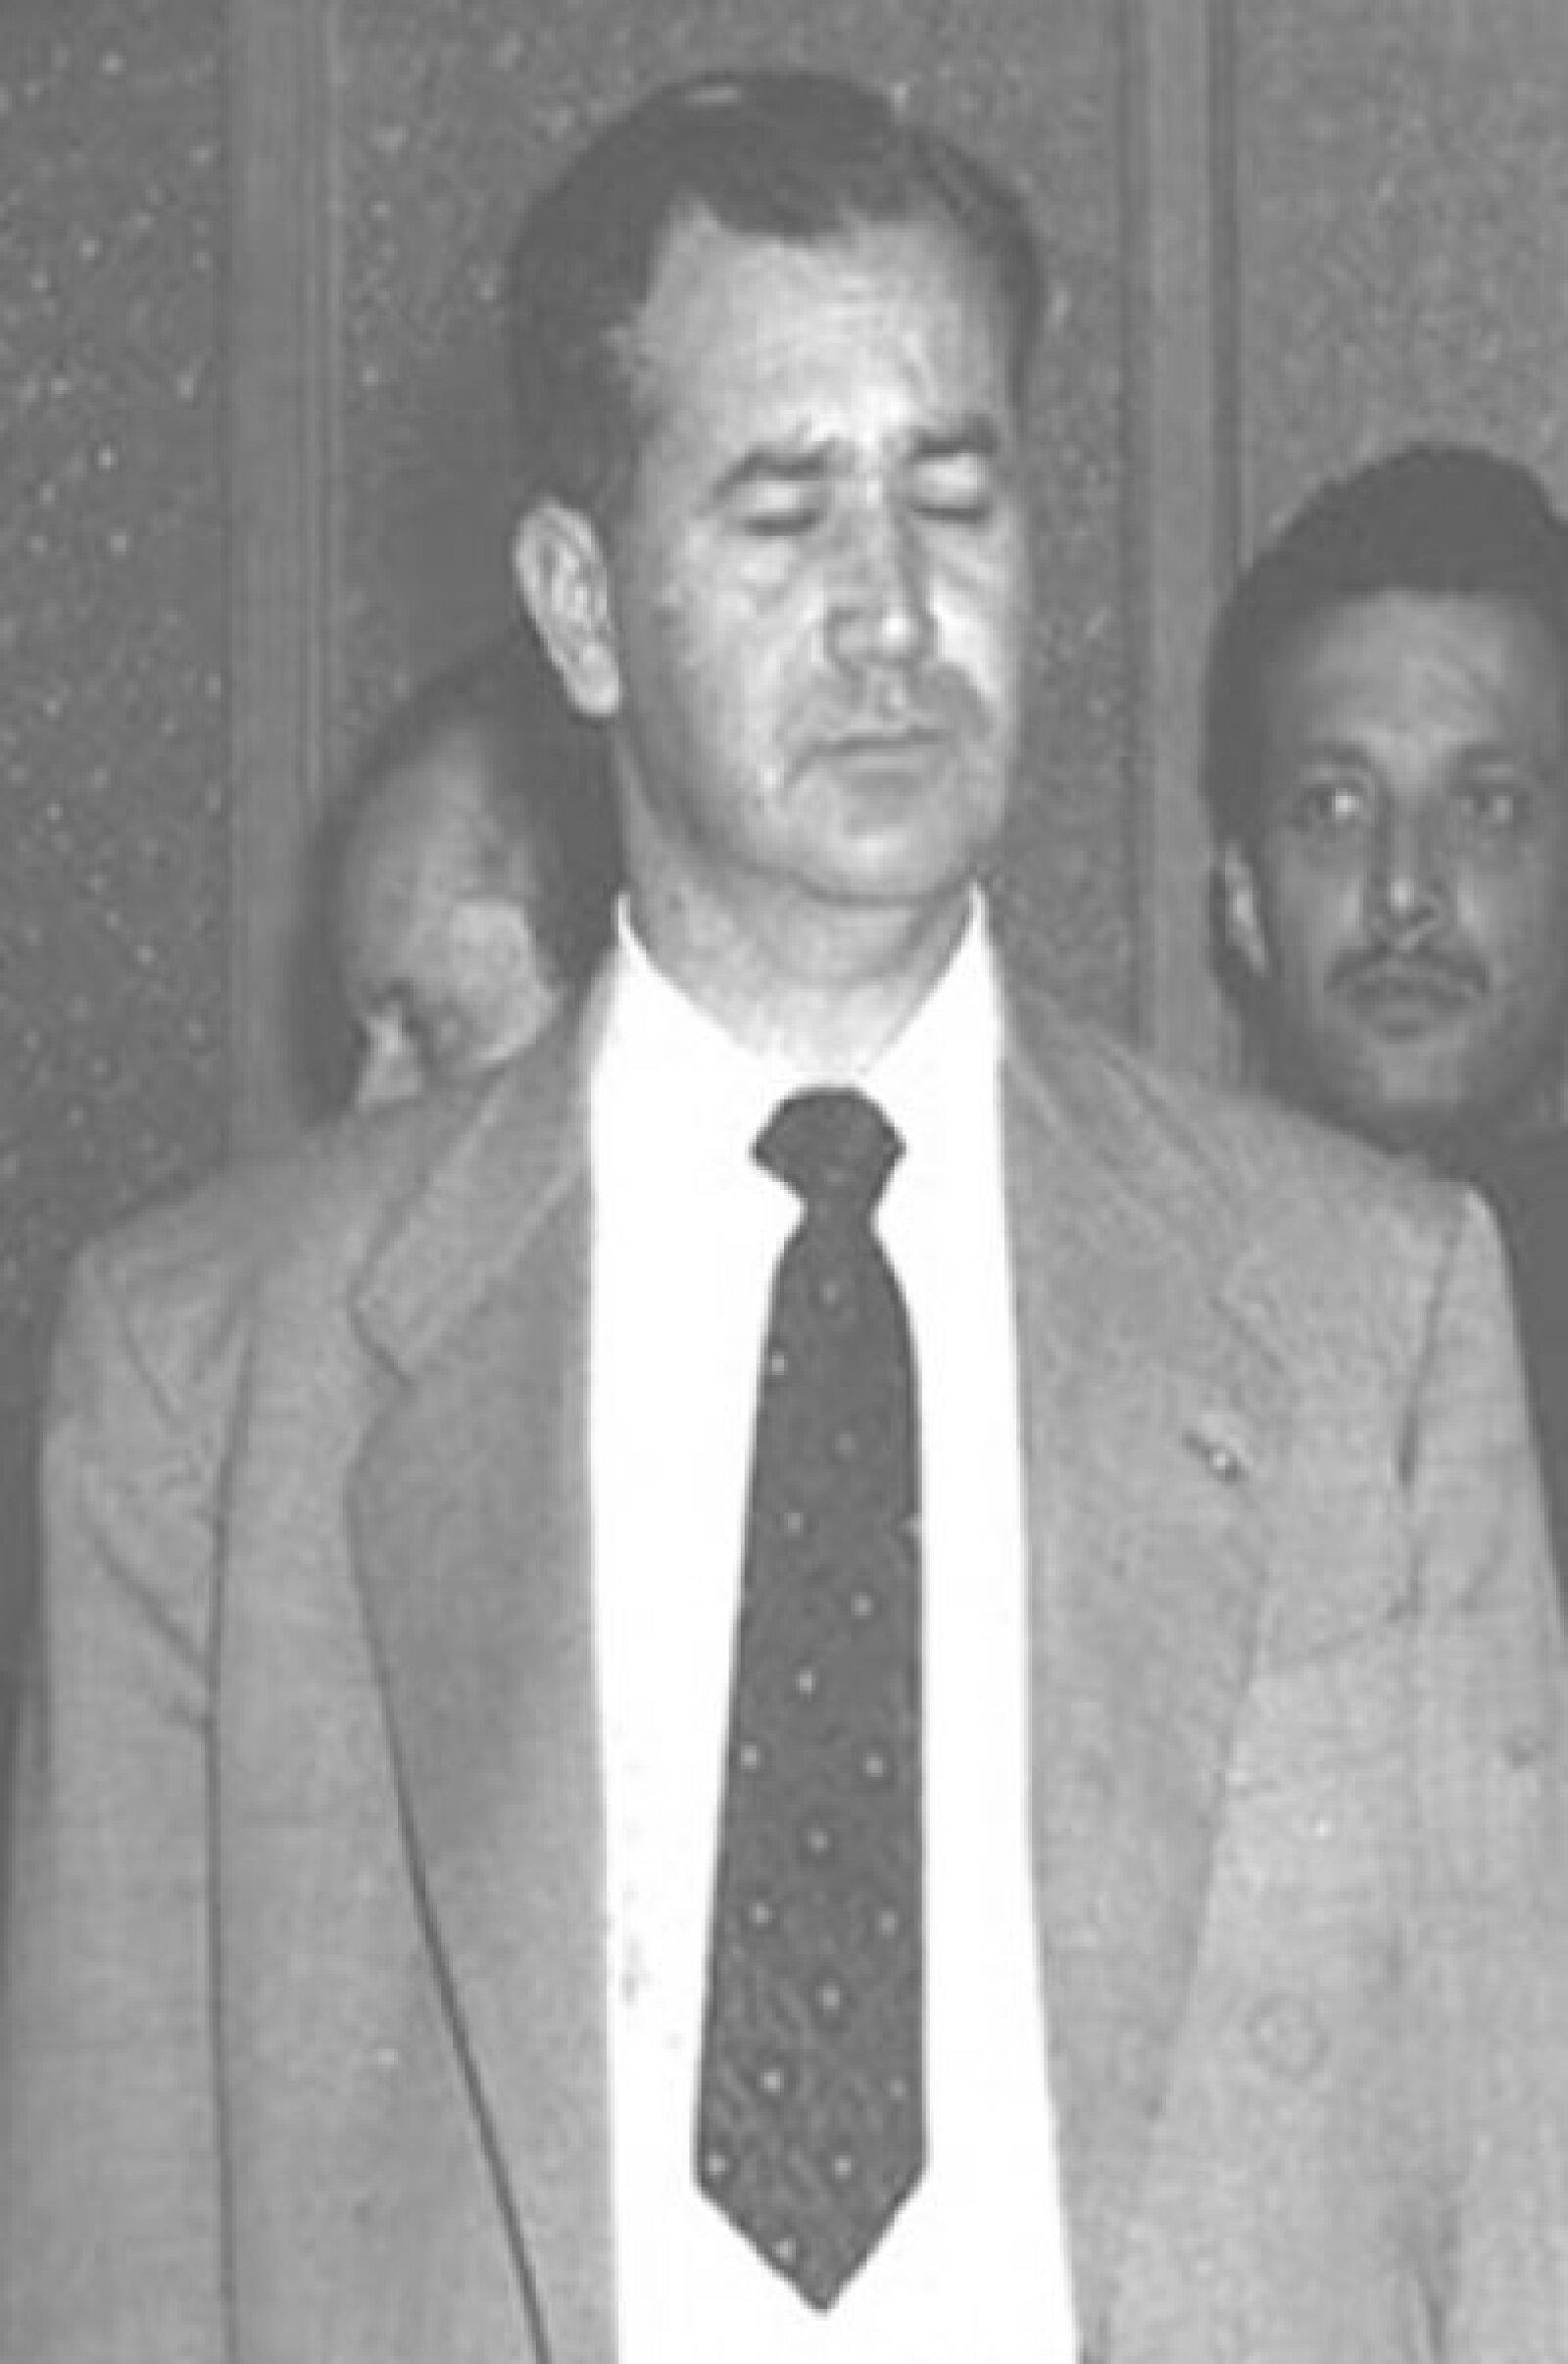 Carlos Madrazo Becerra, padre de Roberto Madrazo, murió en 1969 en un accidente aéreo, aunque se presumió que en realidad fue un asesinato político de parte del entonces presidente Gustavo Díaz Ordaz.